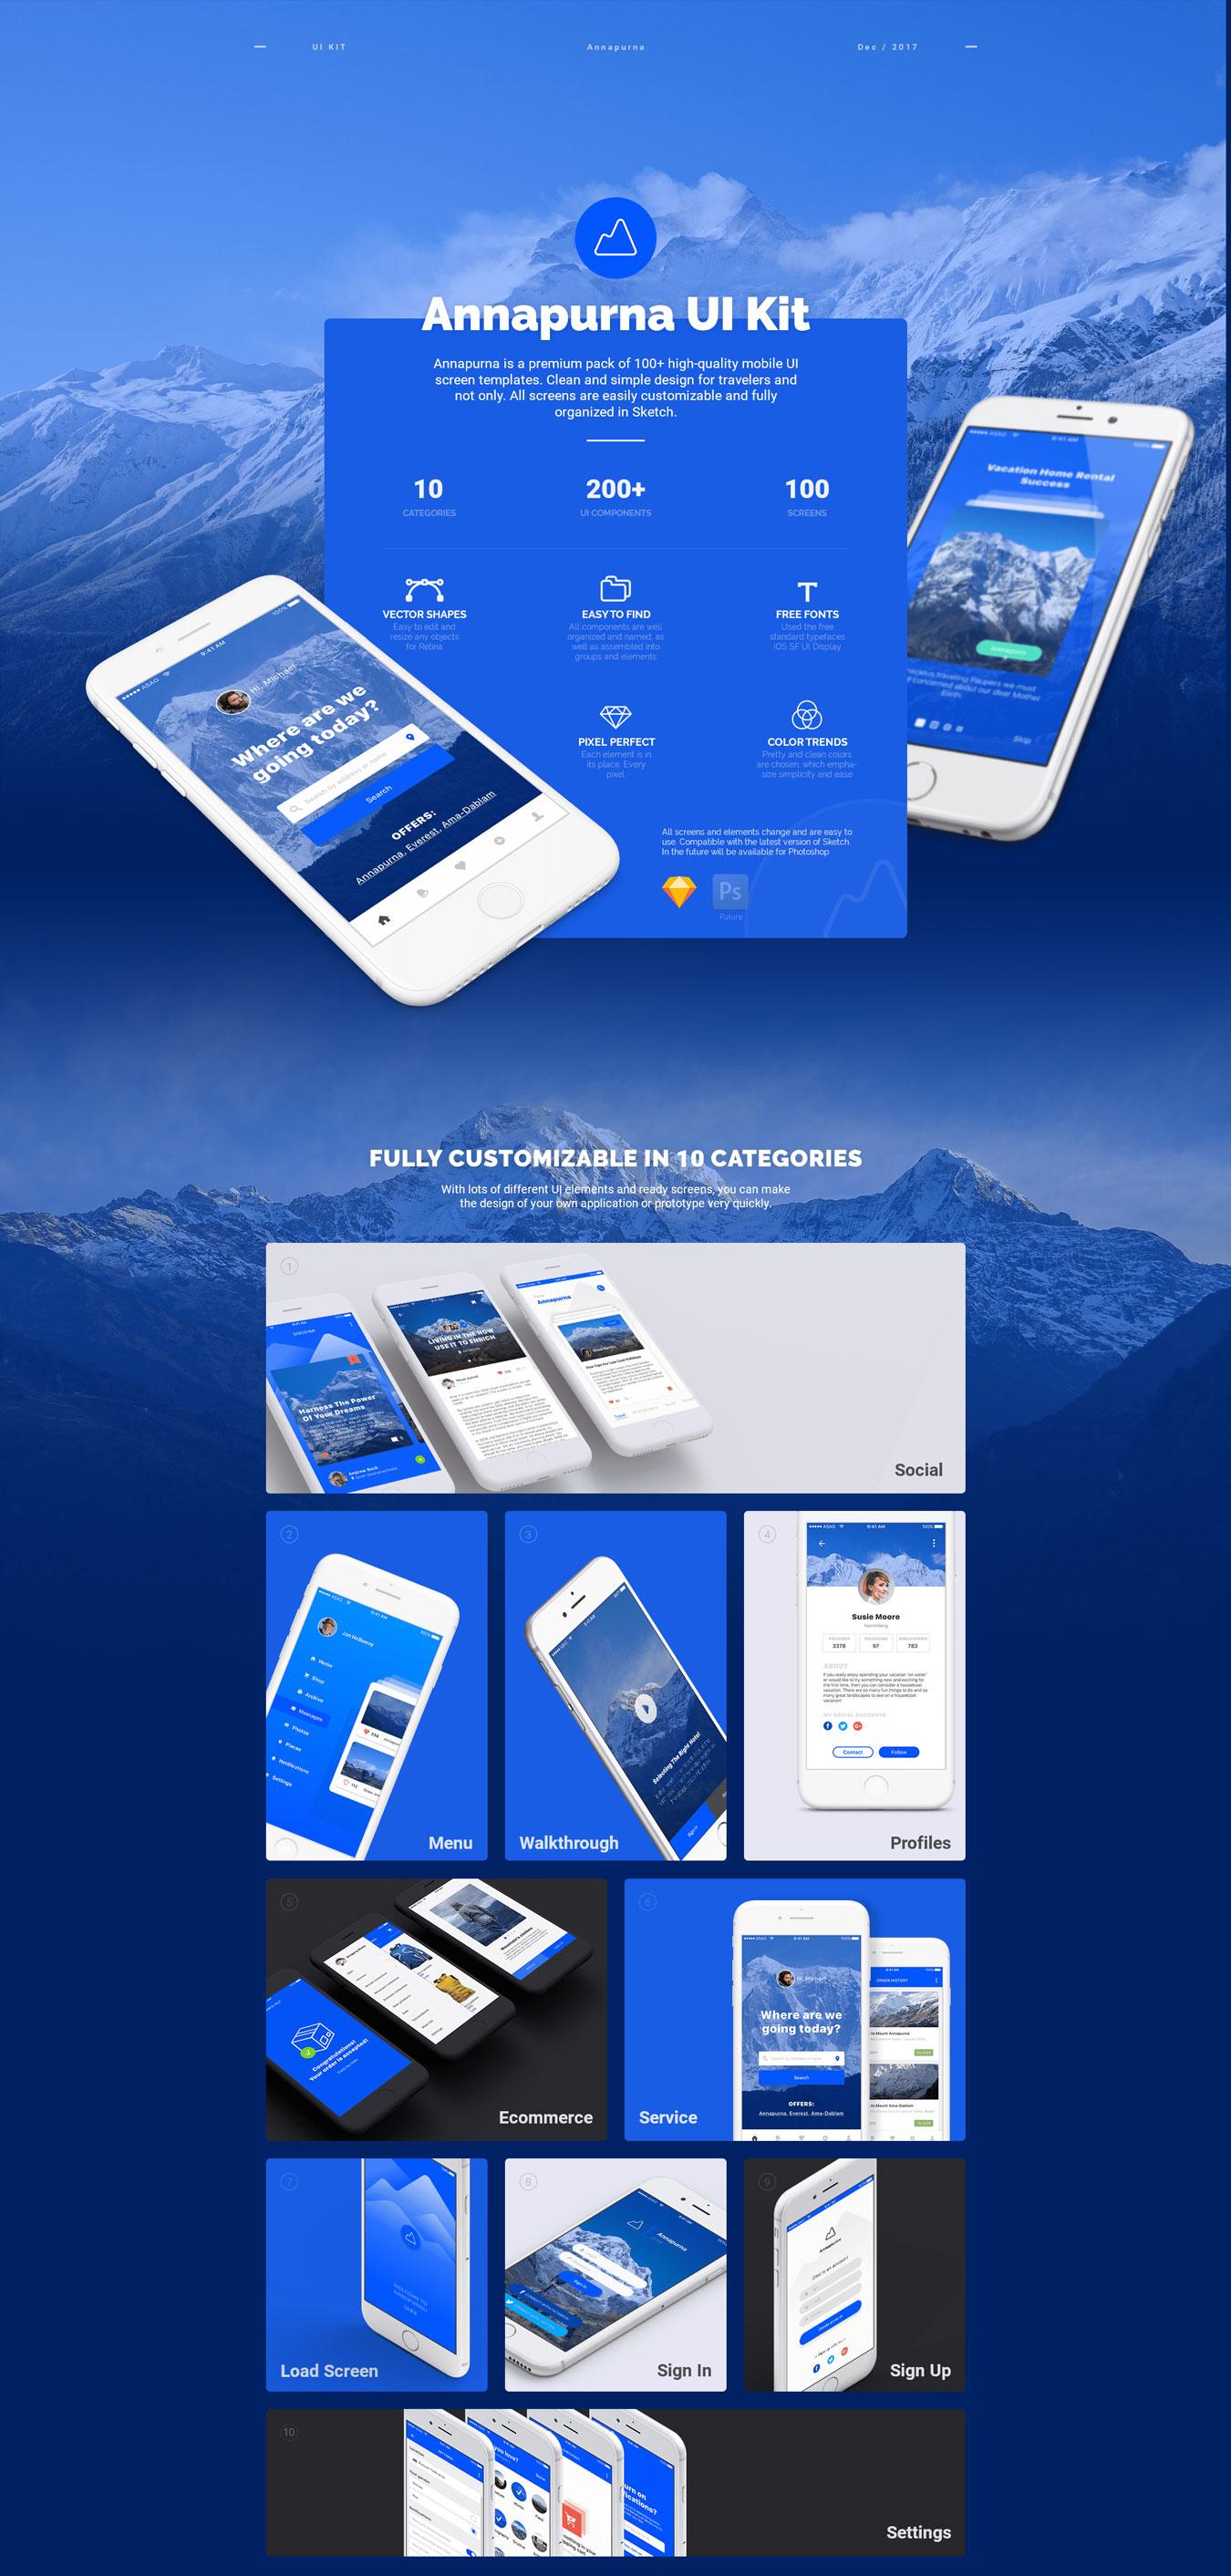 高质量新闻社交应用程序设计APP UI设计模板套件 Annapurna Ui Kit插图